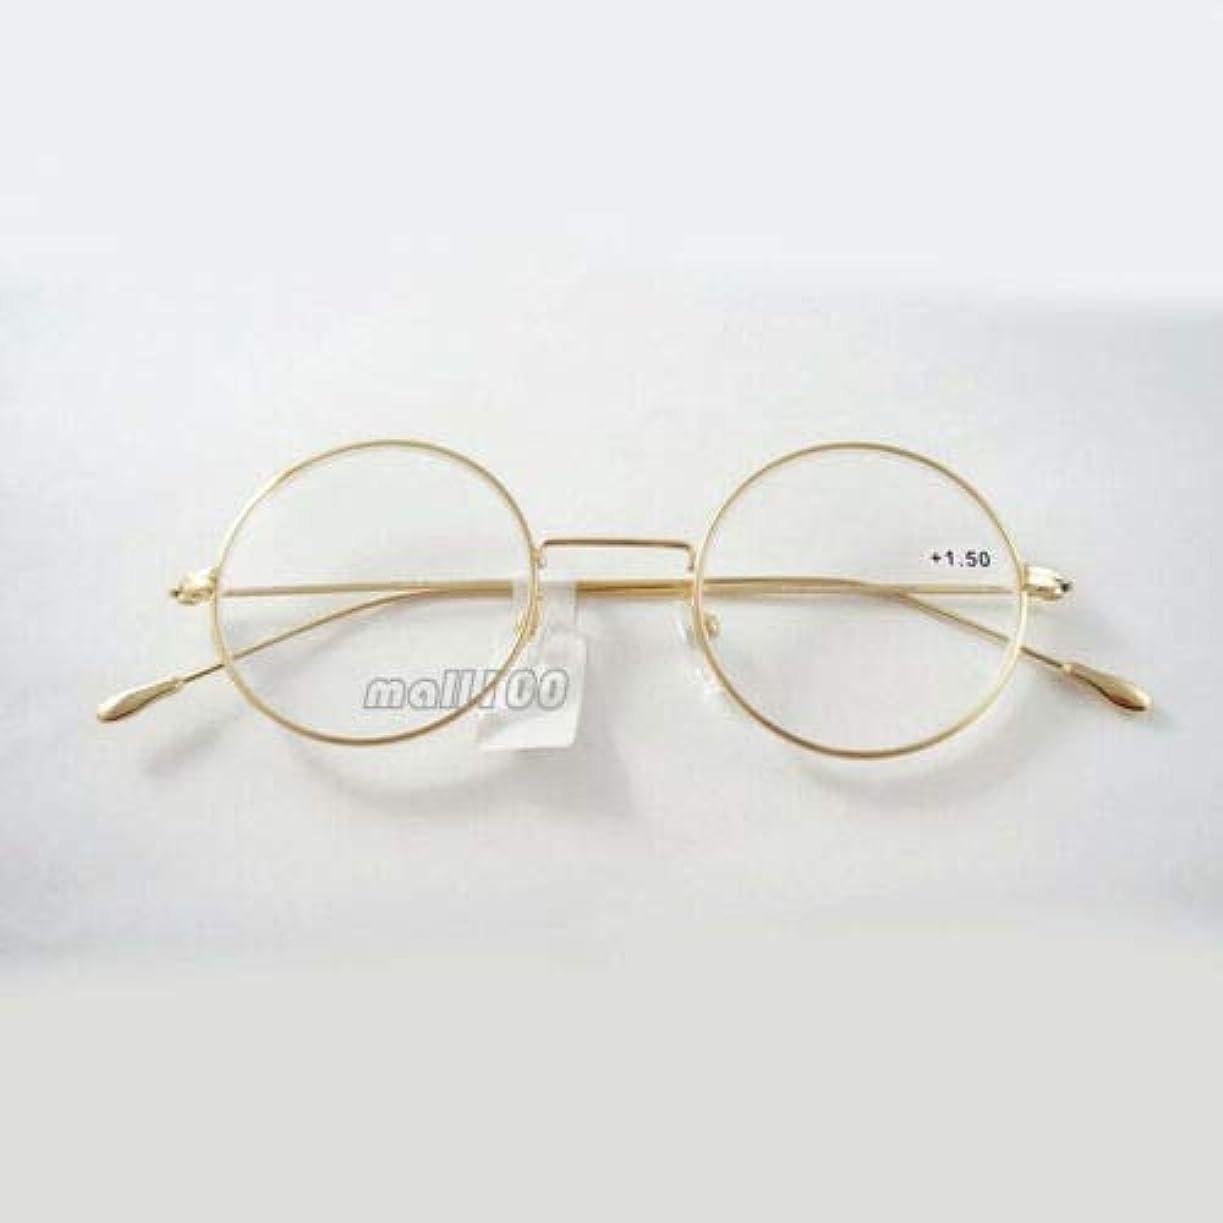 FidgetGear レトロラウンドメタルゴールドシルバーフレーム老眼鏡樹脂レンズ+1.0?3.0 ゴールド